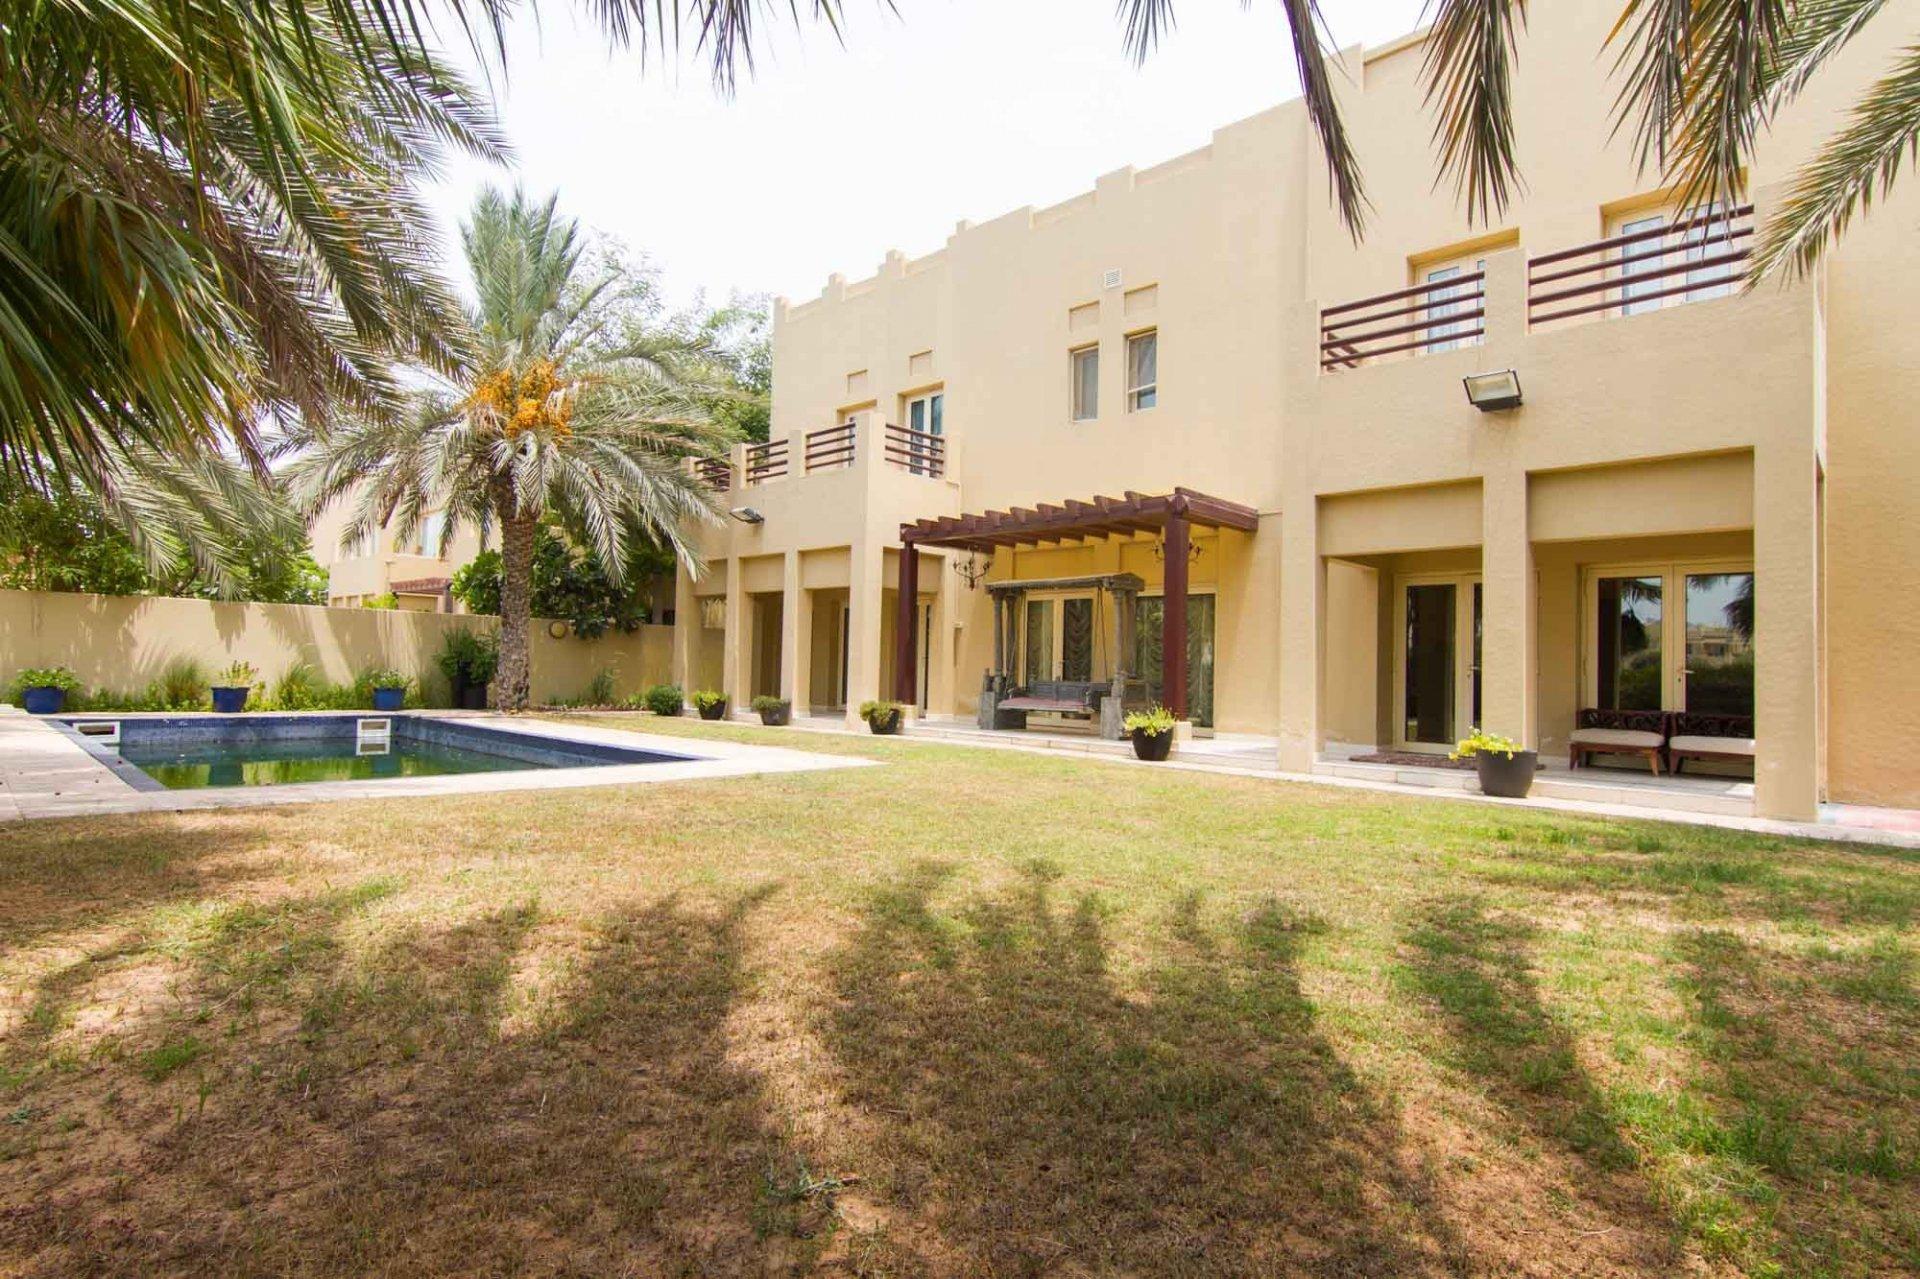 Villa en venta en Dubai, EAU, 4 dormitorios, 603 m2, № 24051 – foto 1